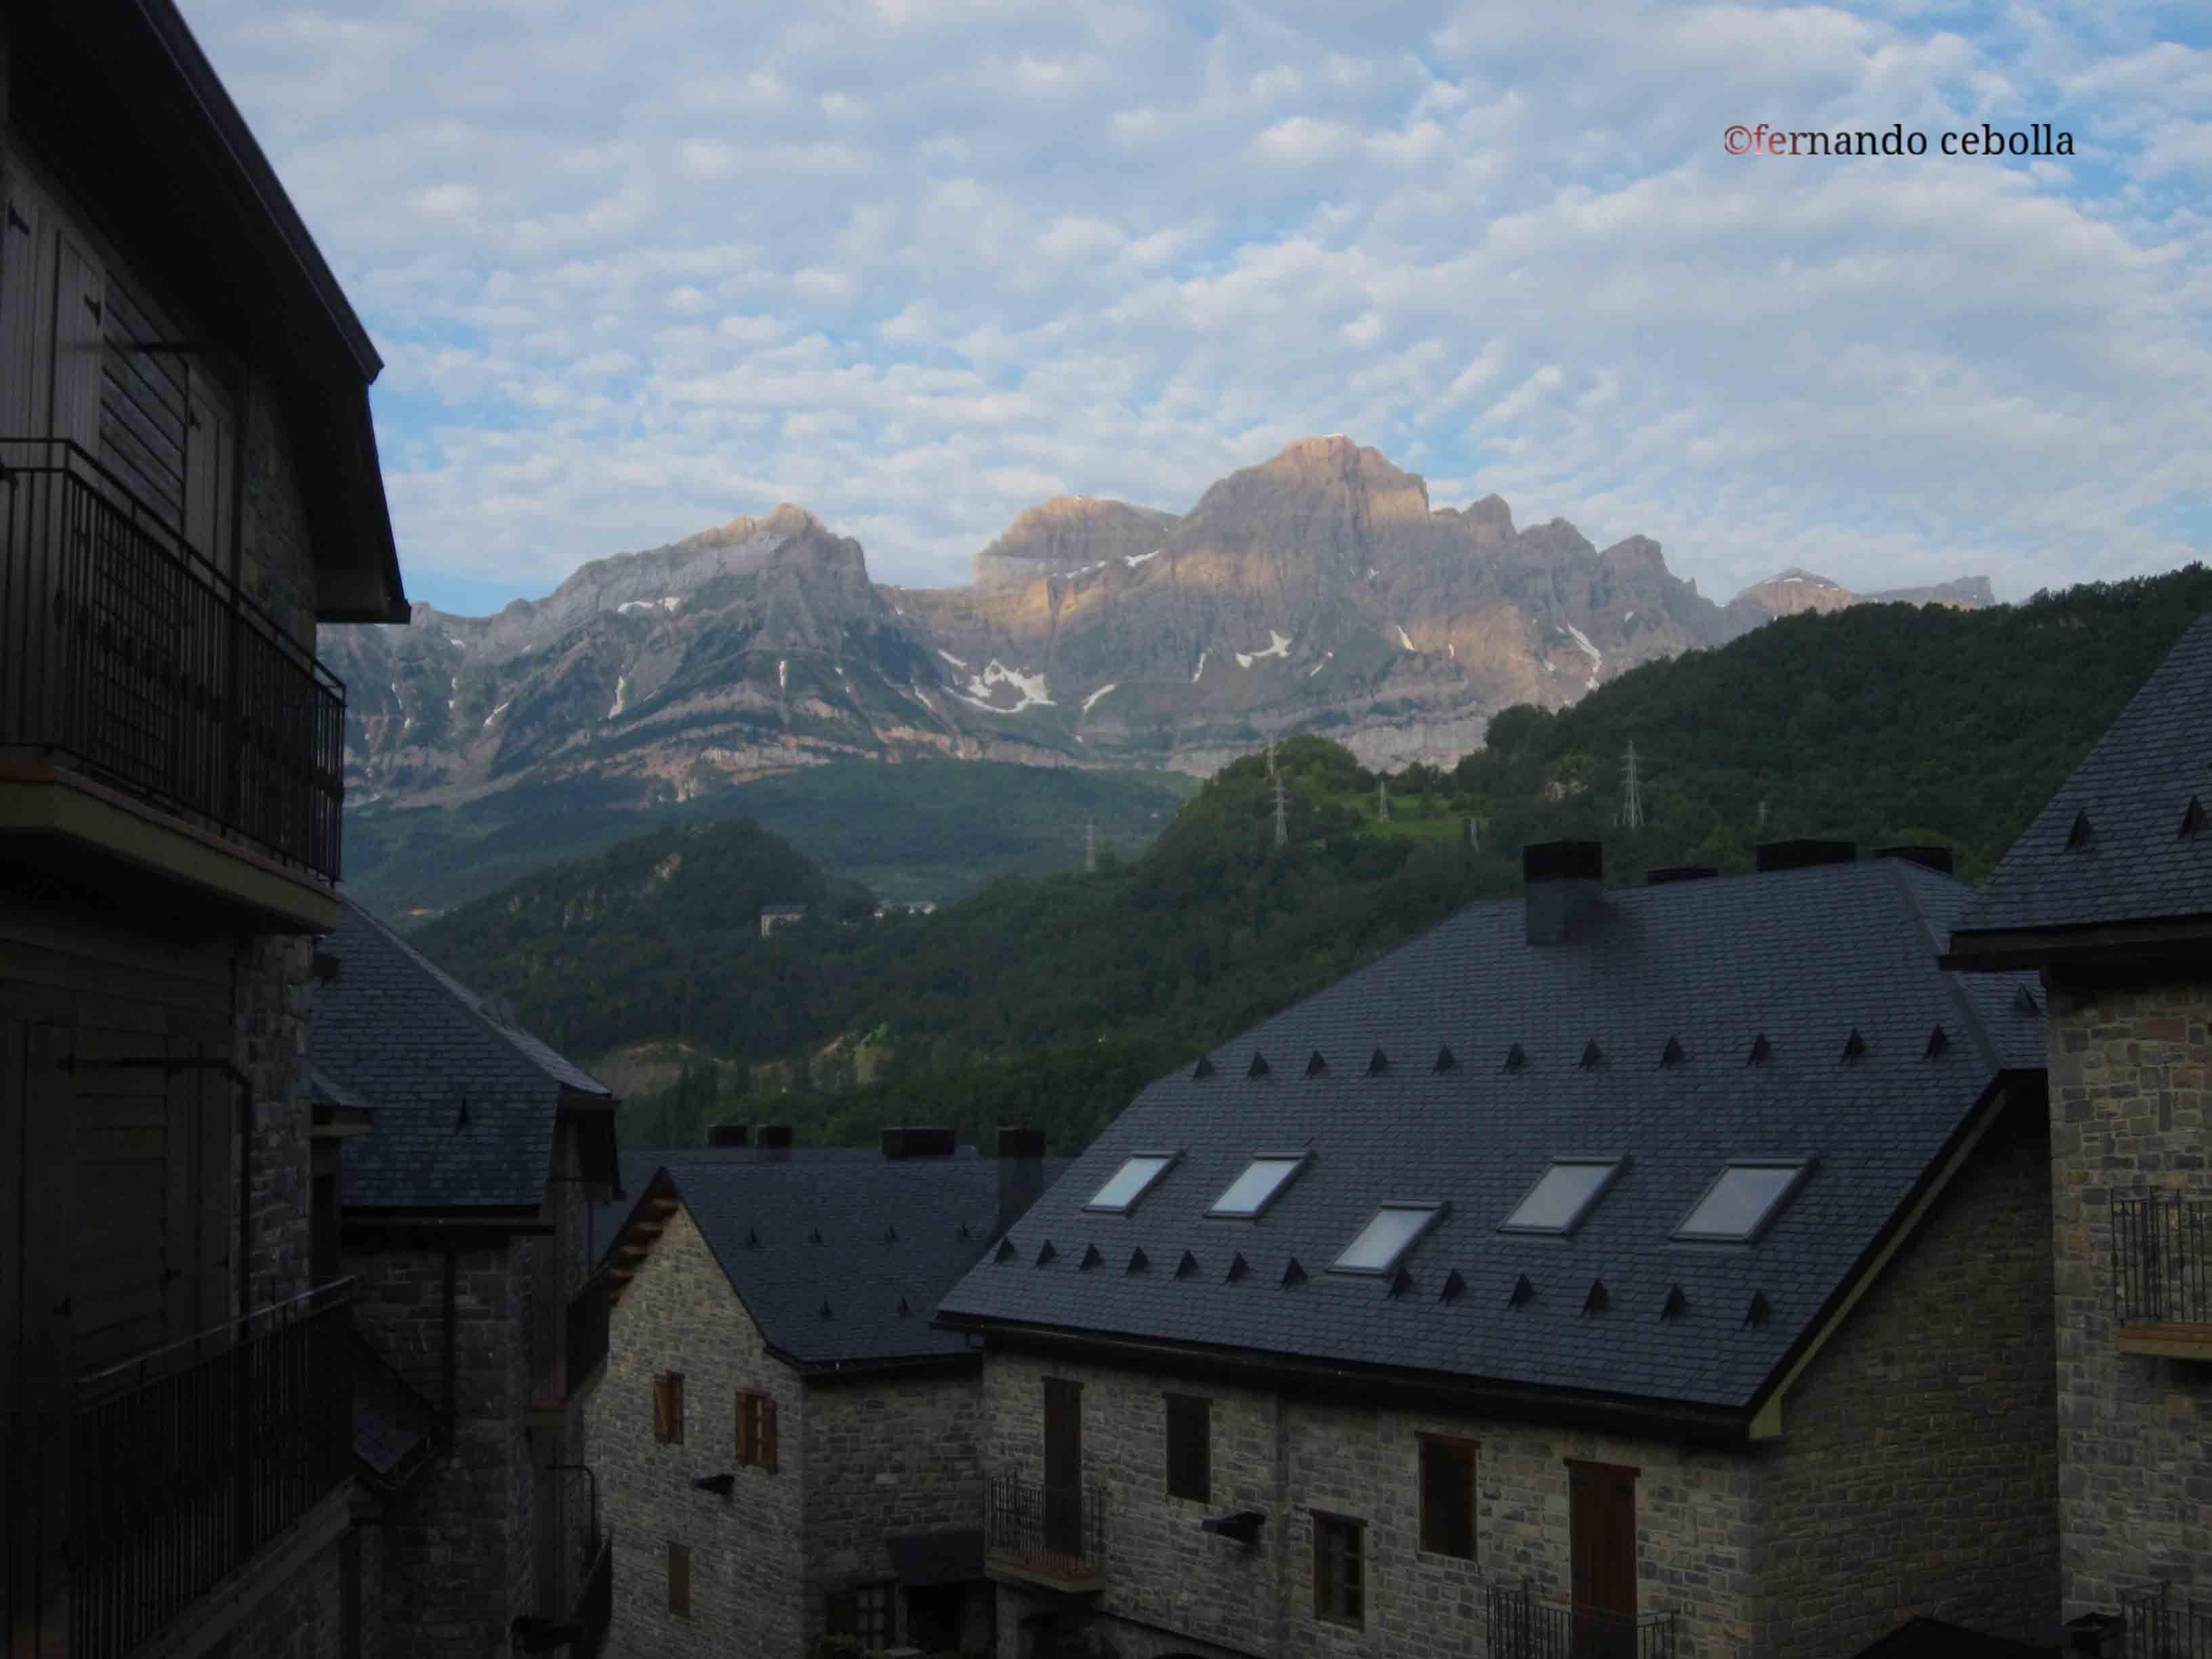 Fotografía del Pueyo de Jaca Peña Terera, #Aragón #valledeTena